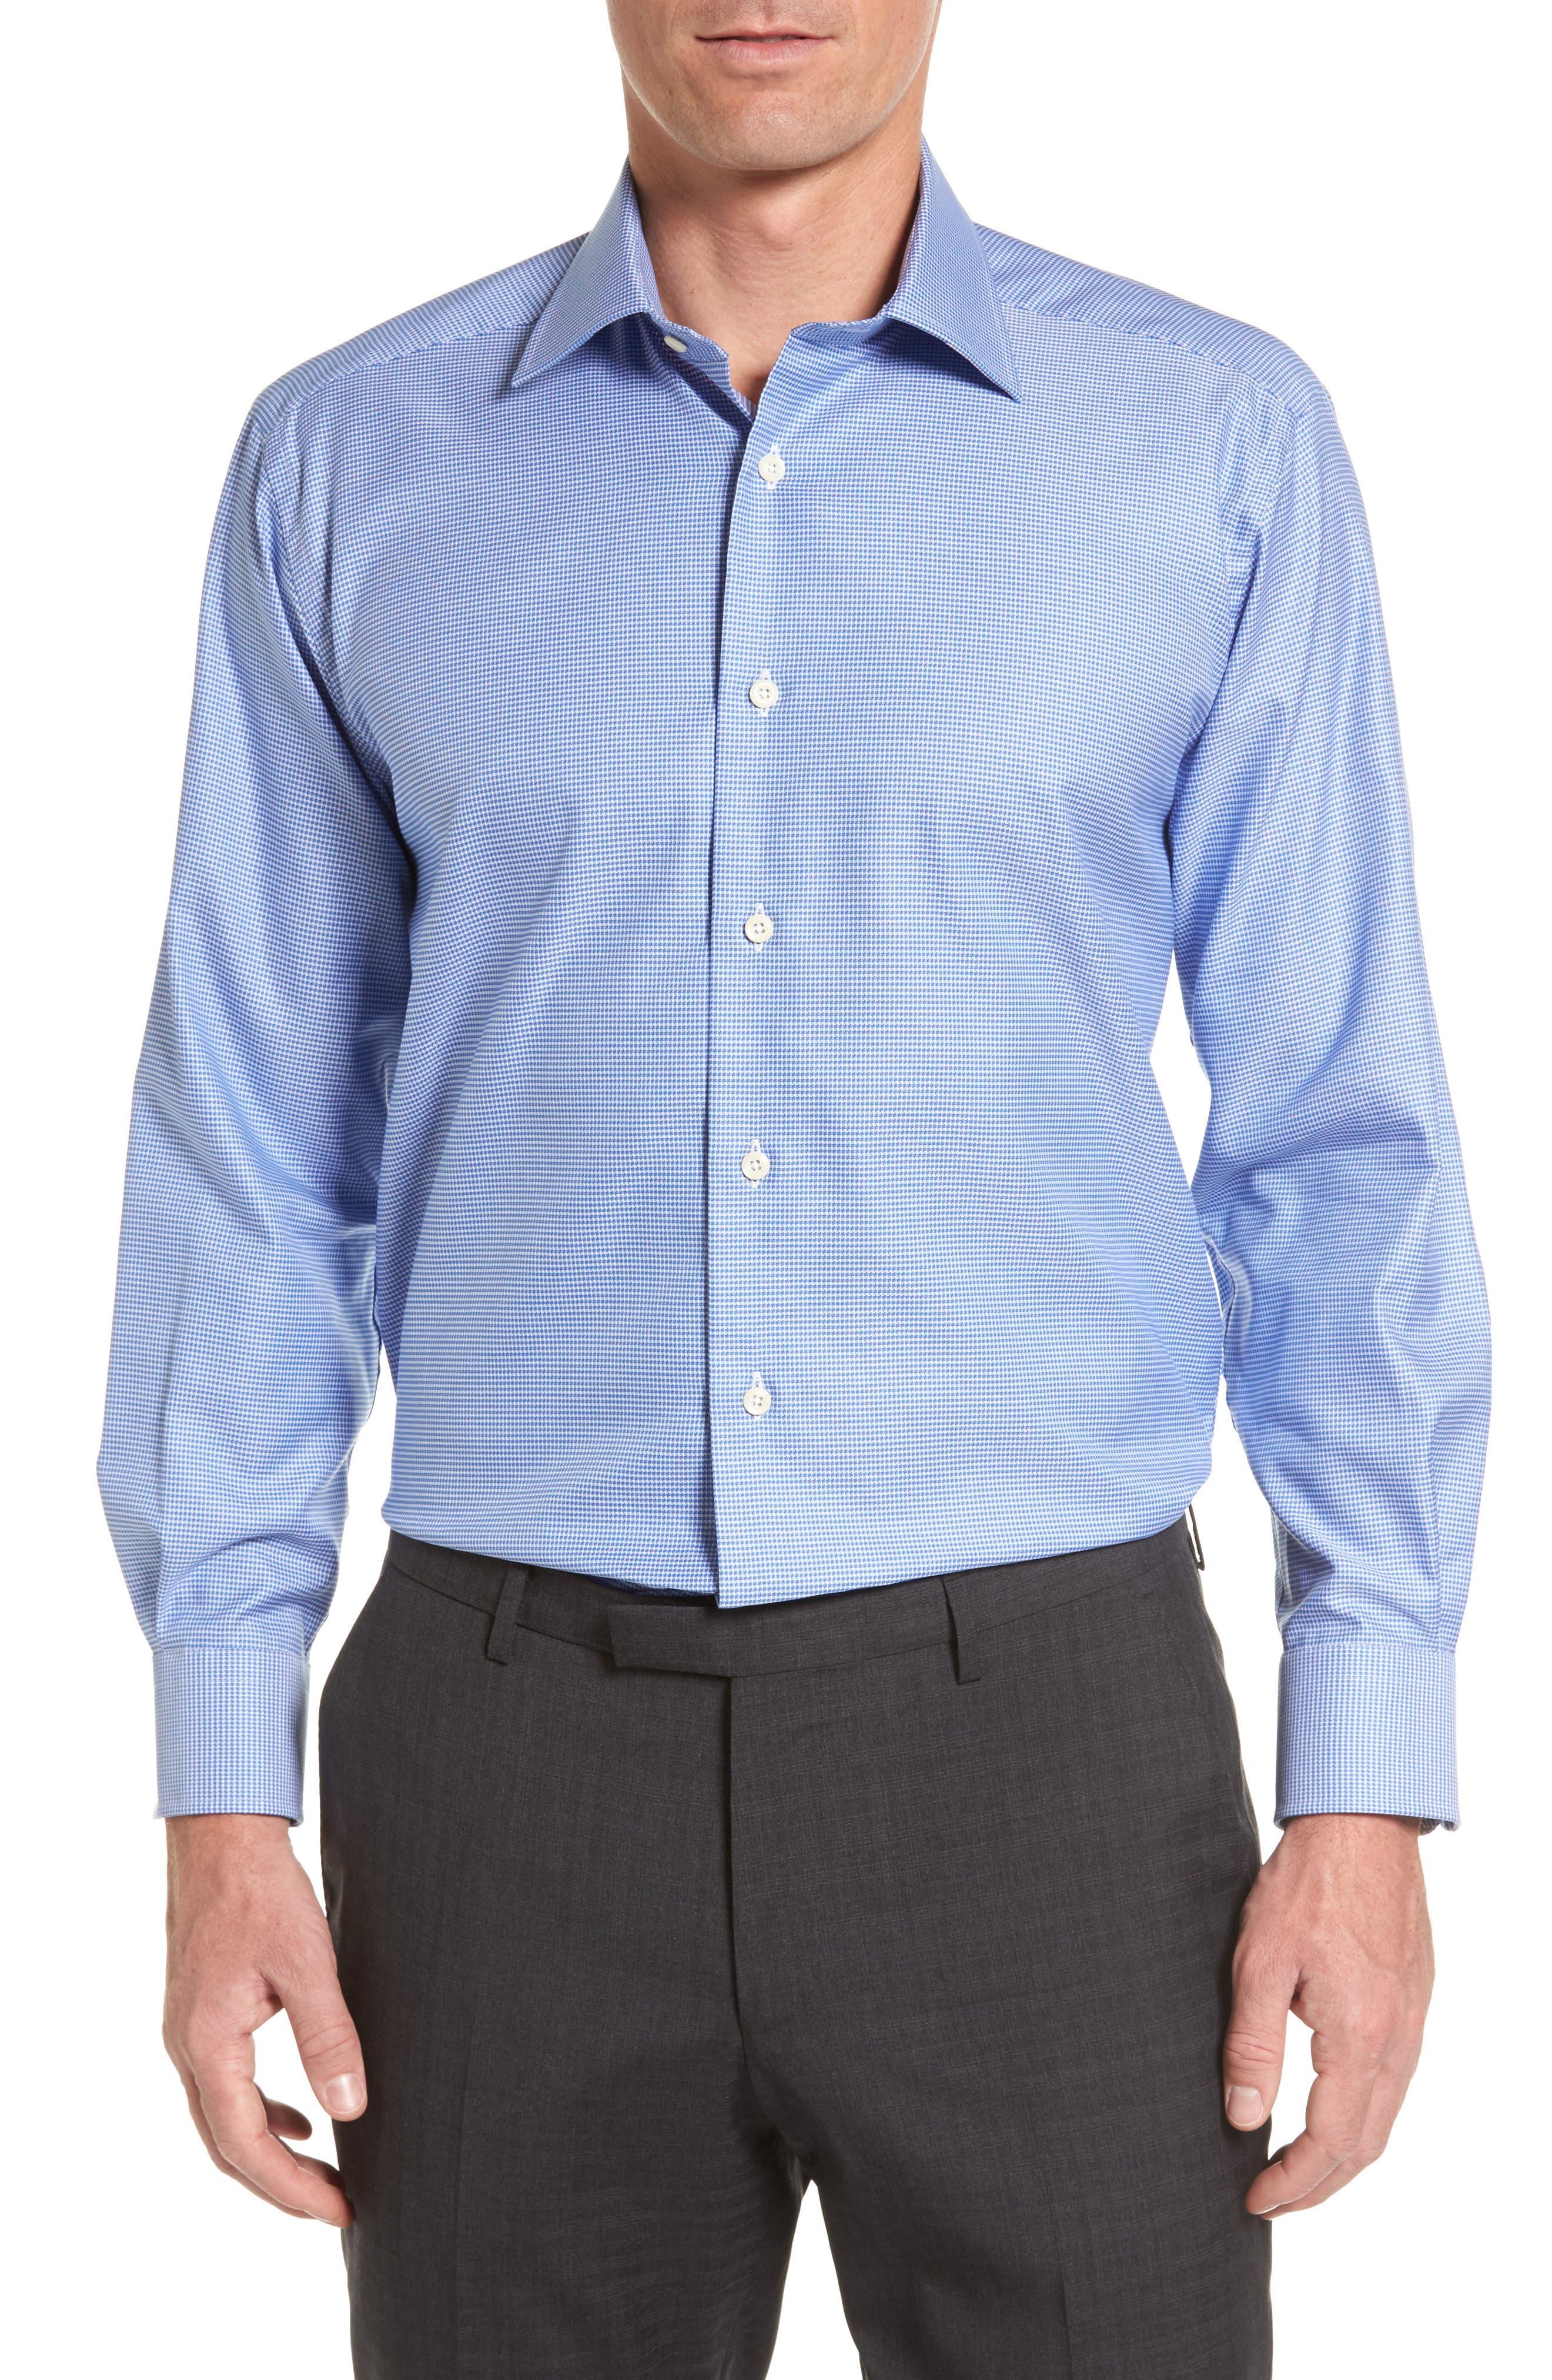 Main Image - David Donahue Regular Fit Houndstooth Dress Shirt